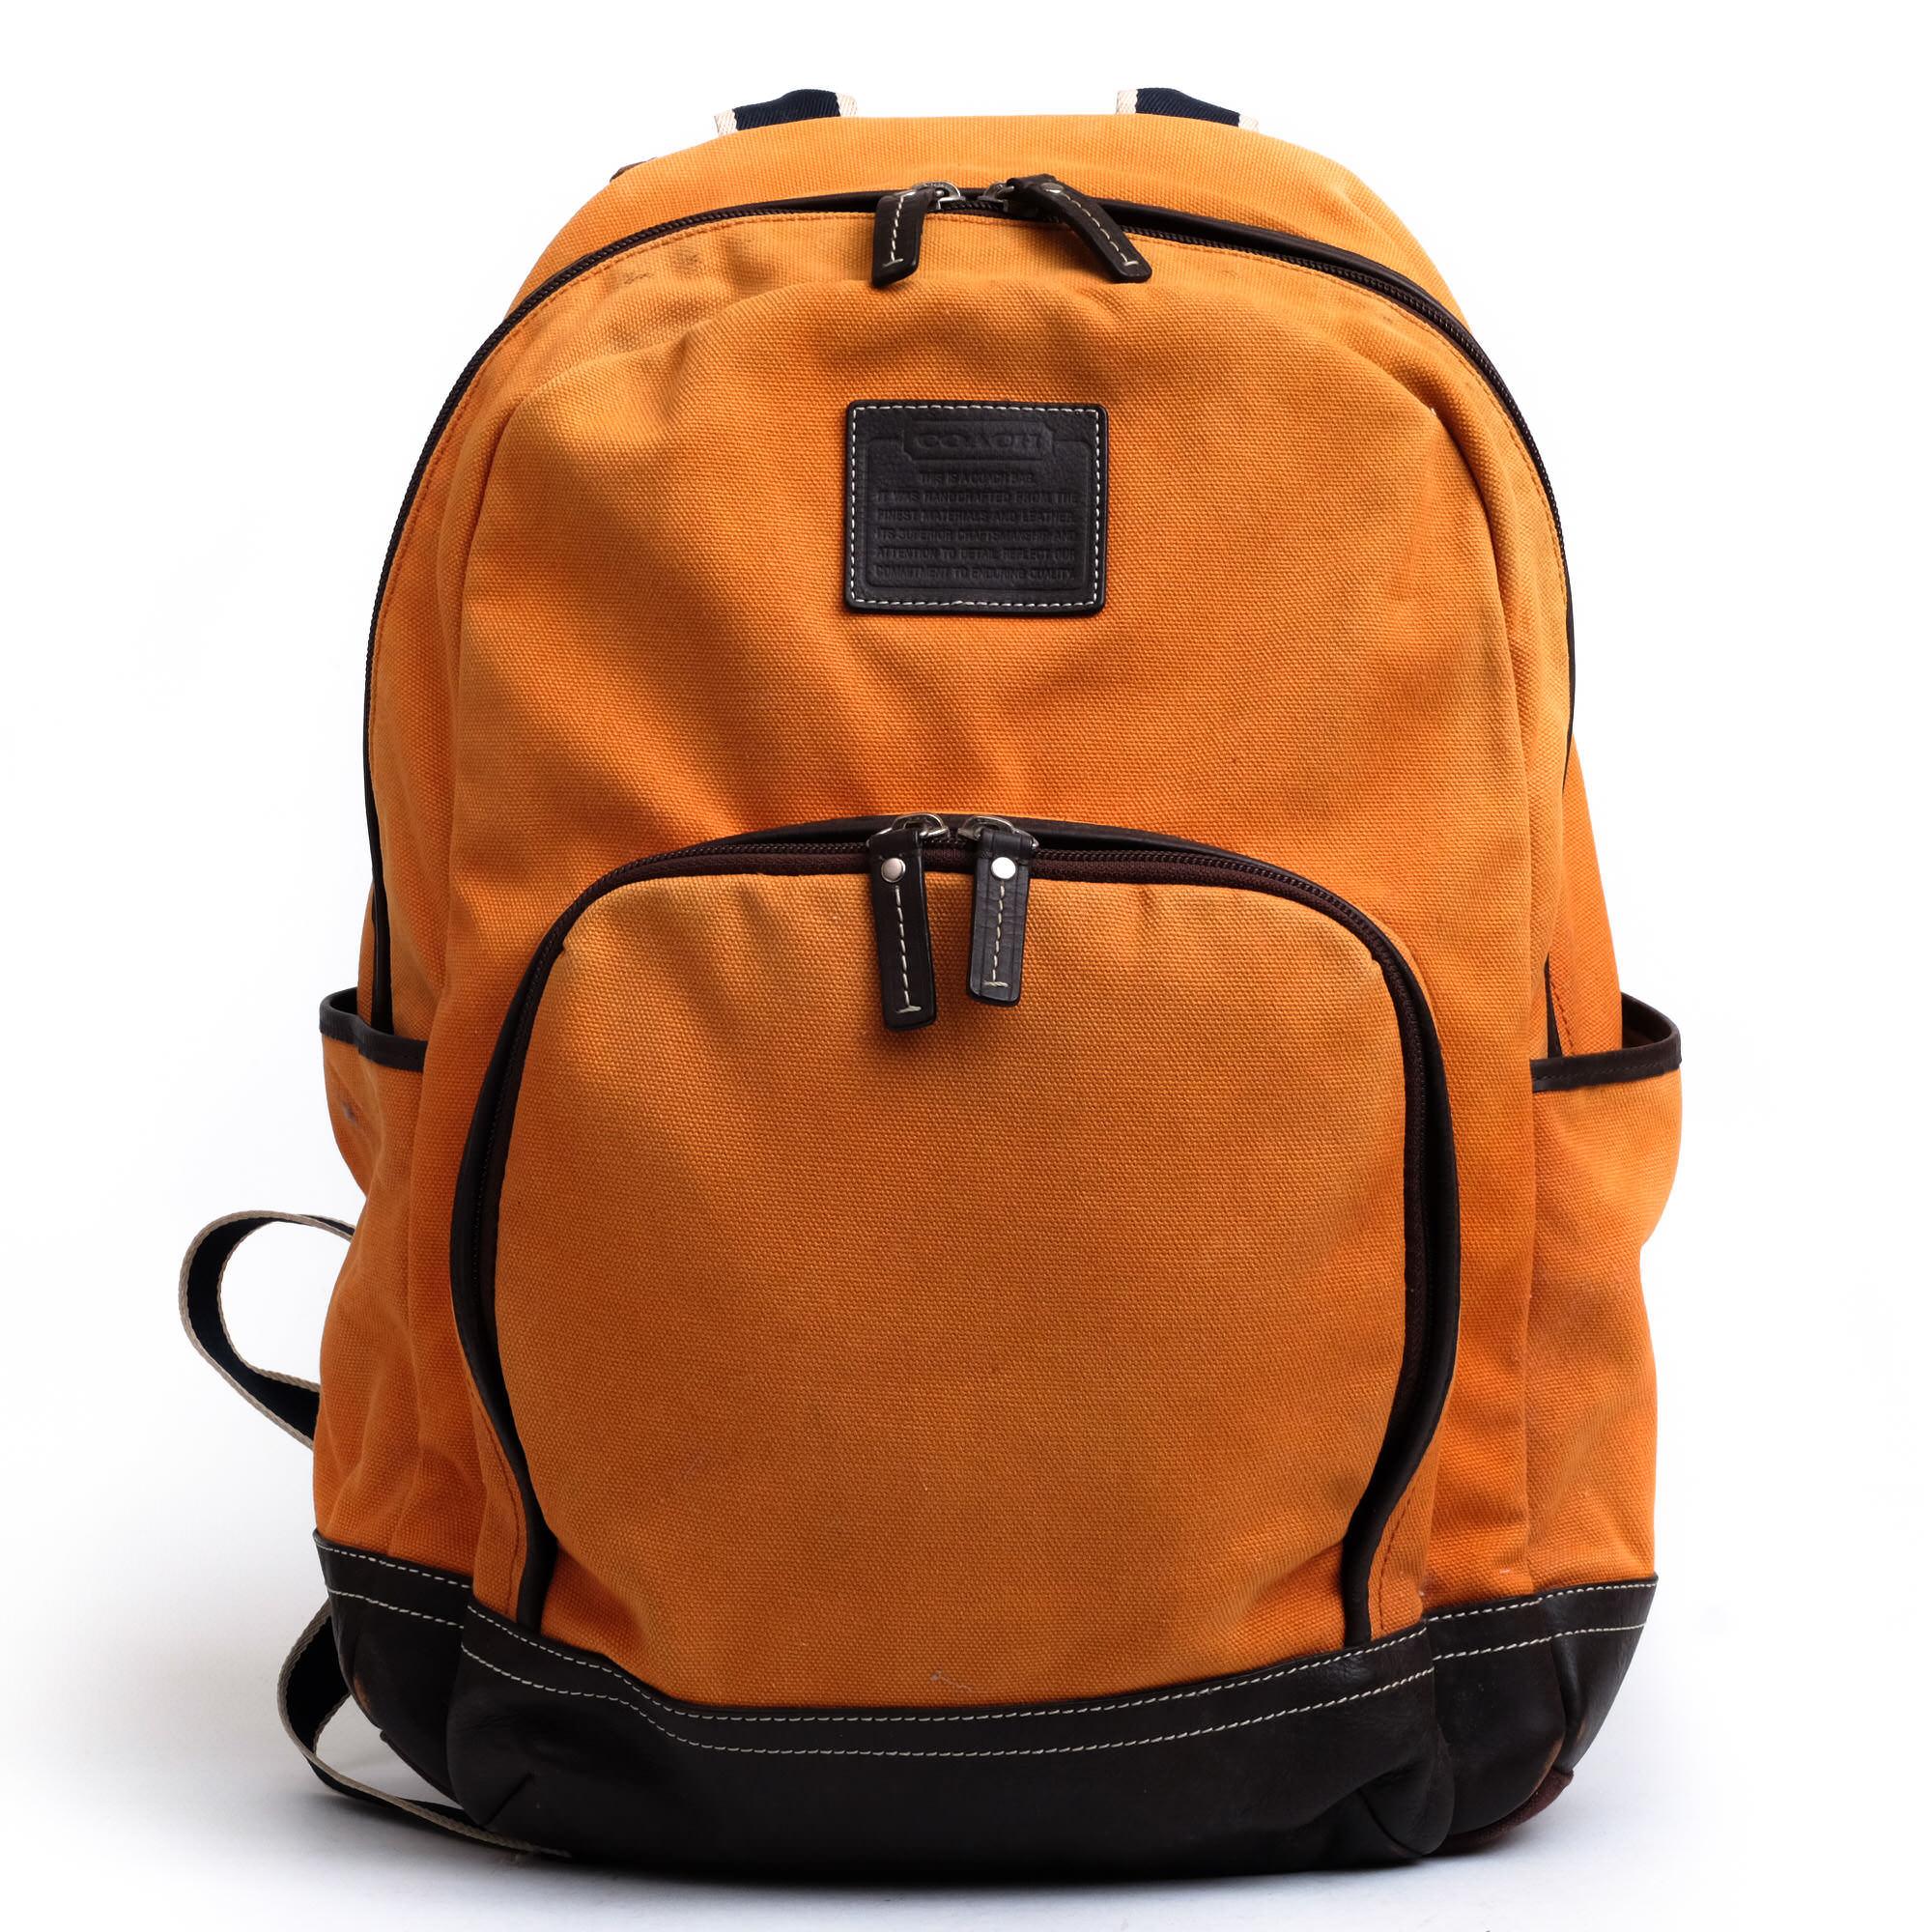 024c544be93a コーチ / COACH リュック メンズ オレンジ - ブランディング